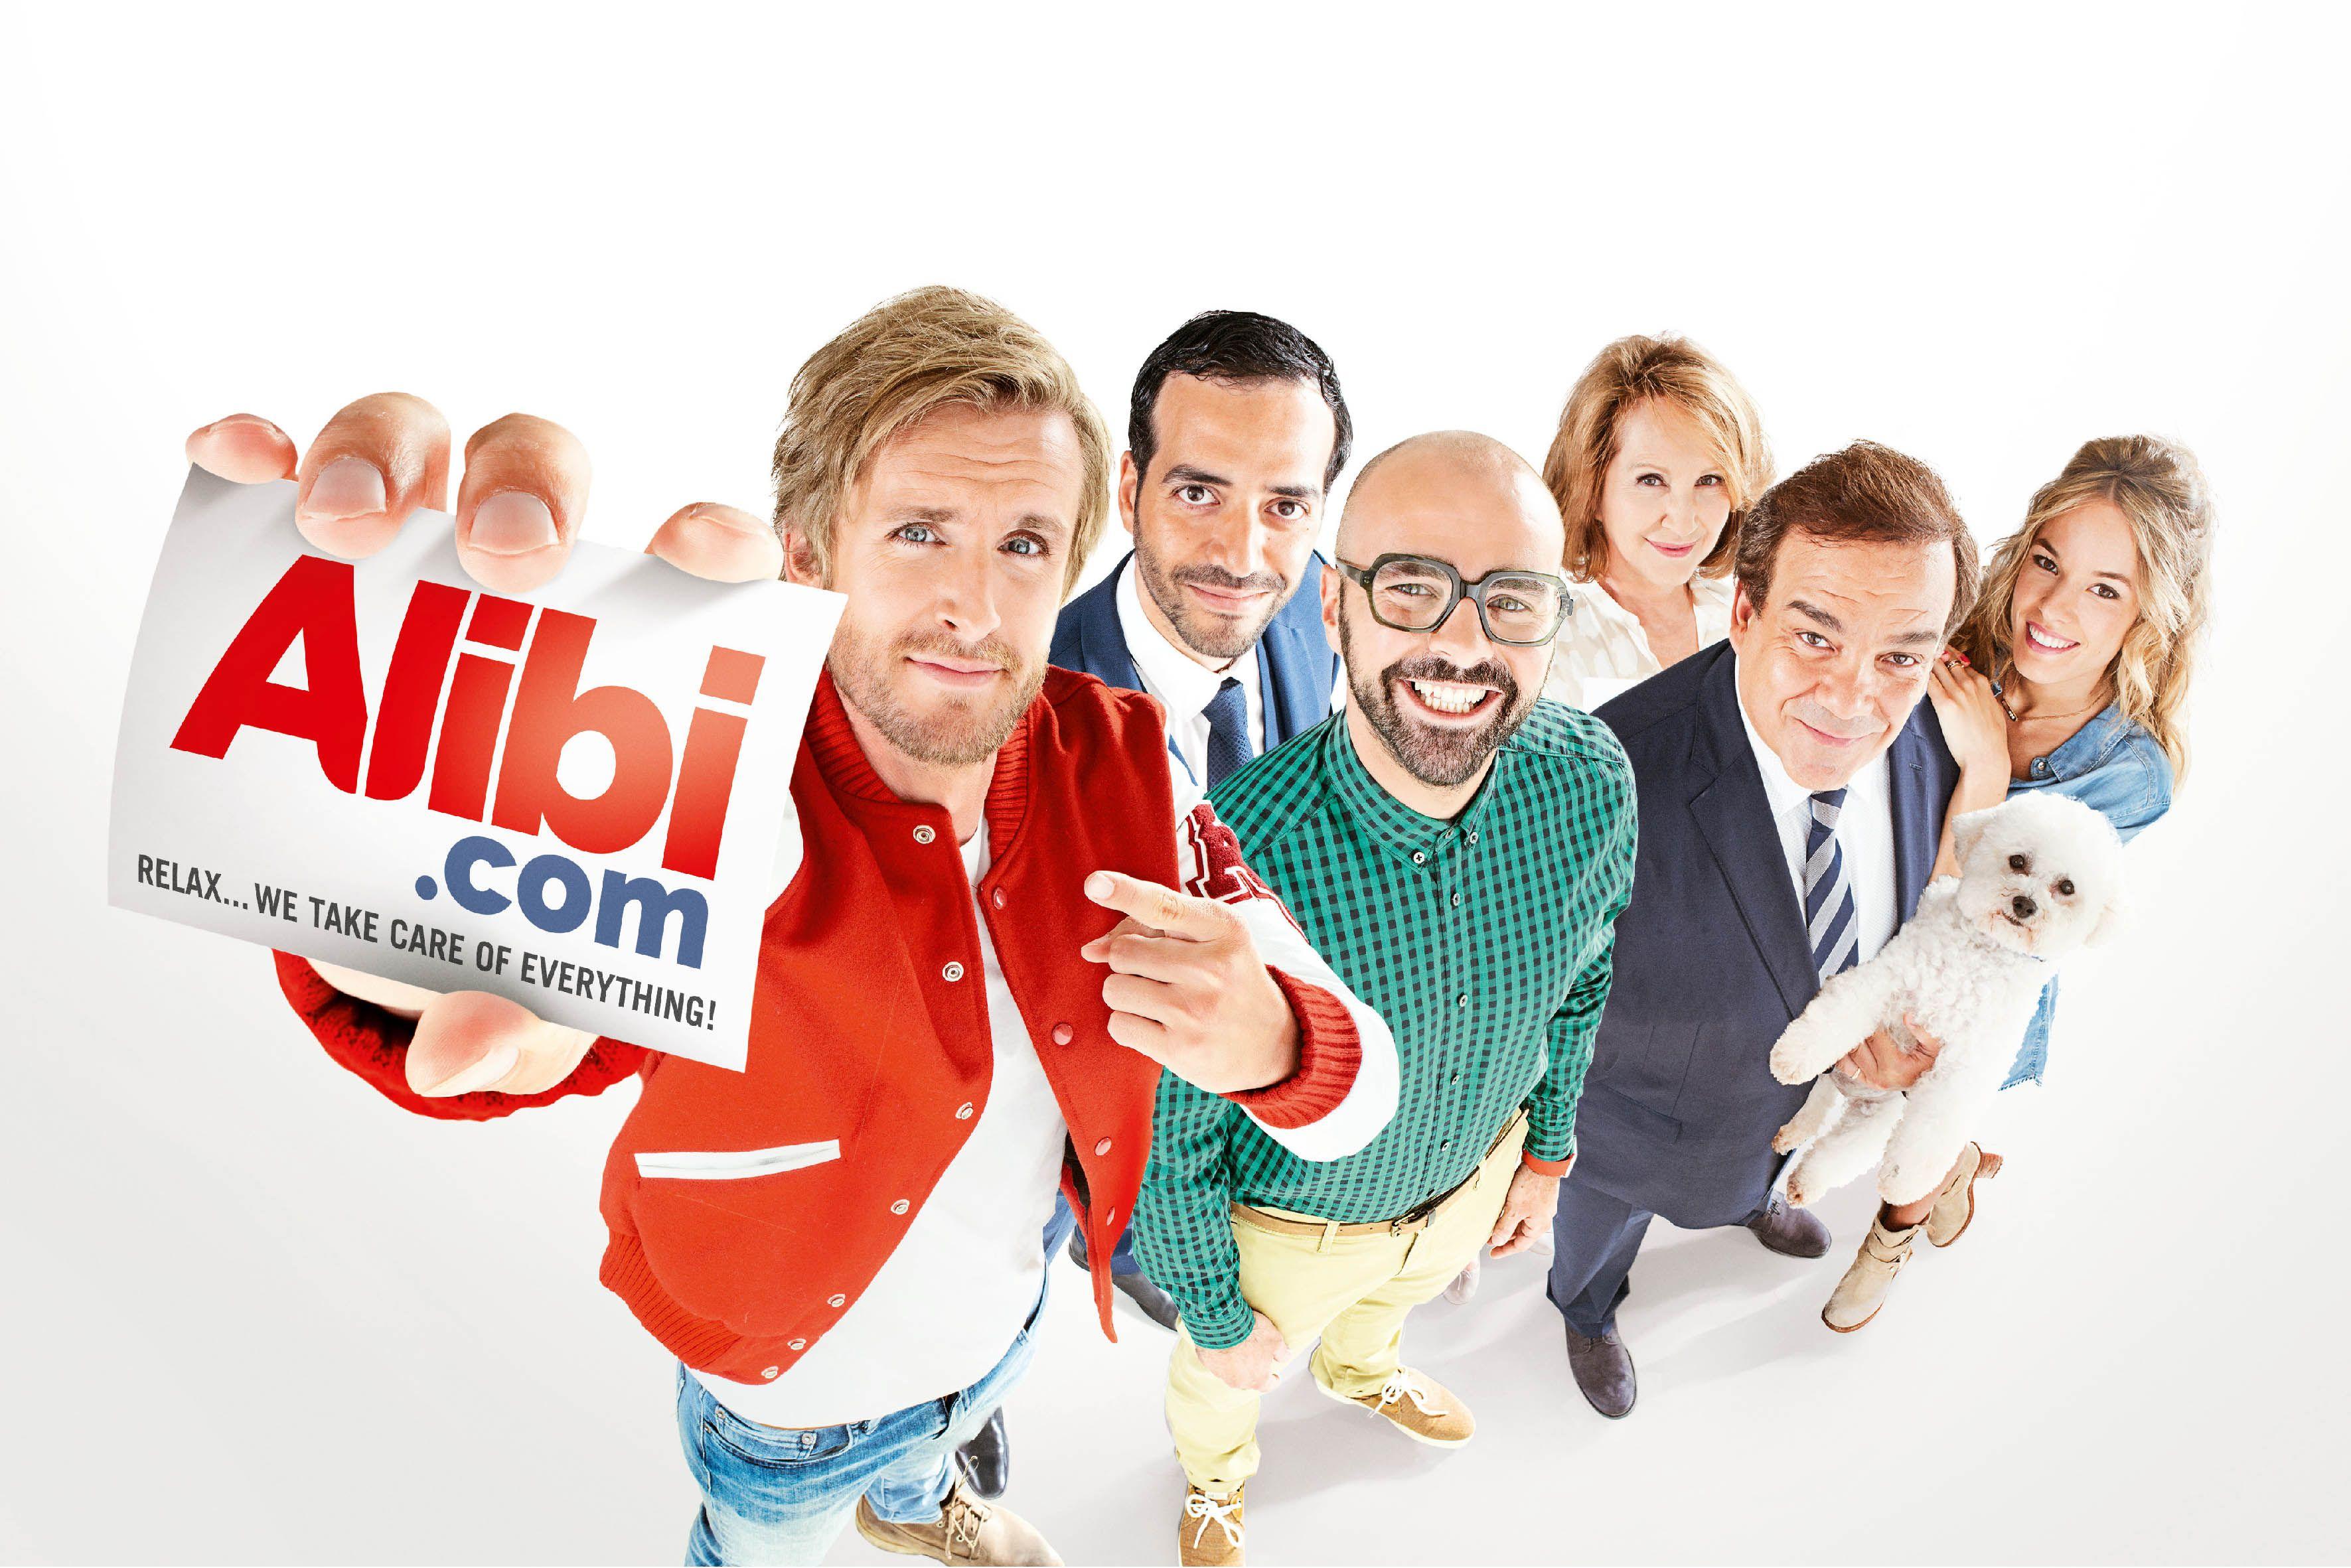 Les chaînes Canal+ gratuites pour tous les abonnés Freebox : la